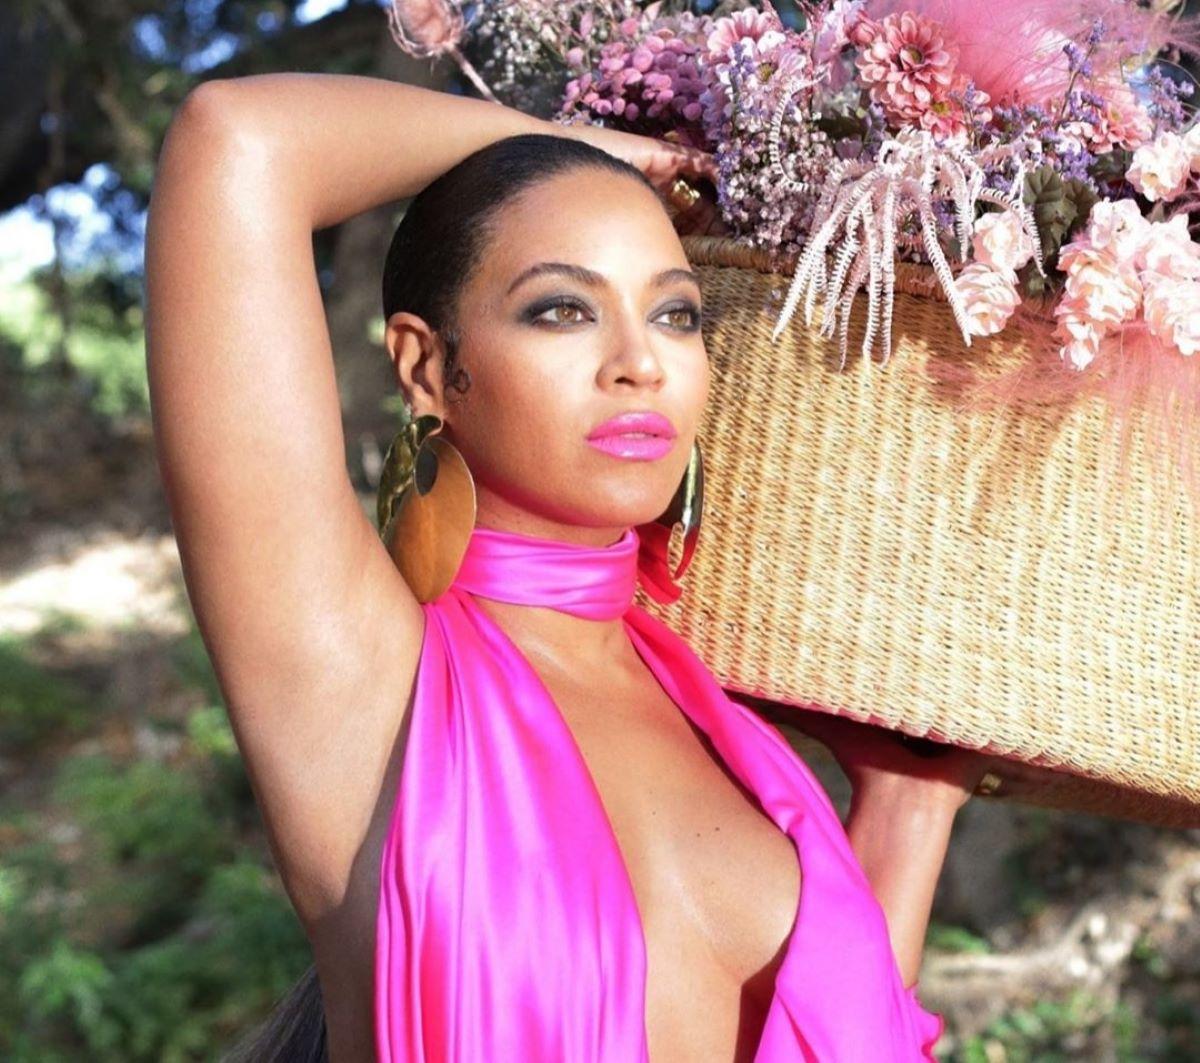 Beyonce chi è: vita privata e curiosità sulla regina dell'R&B